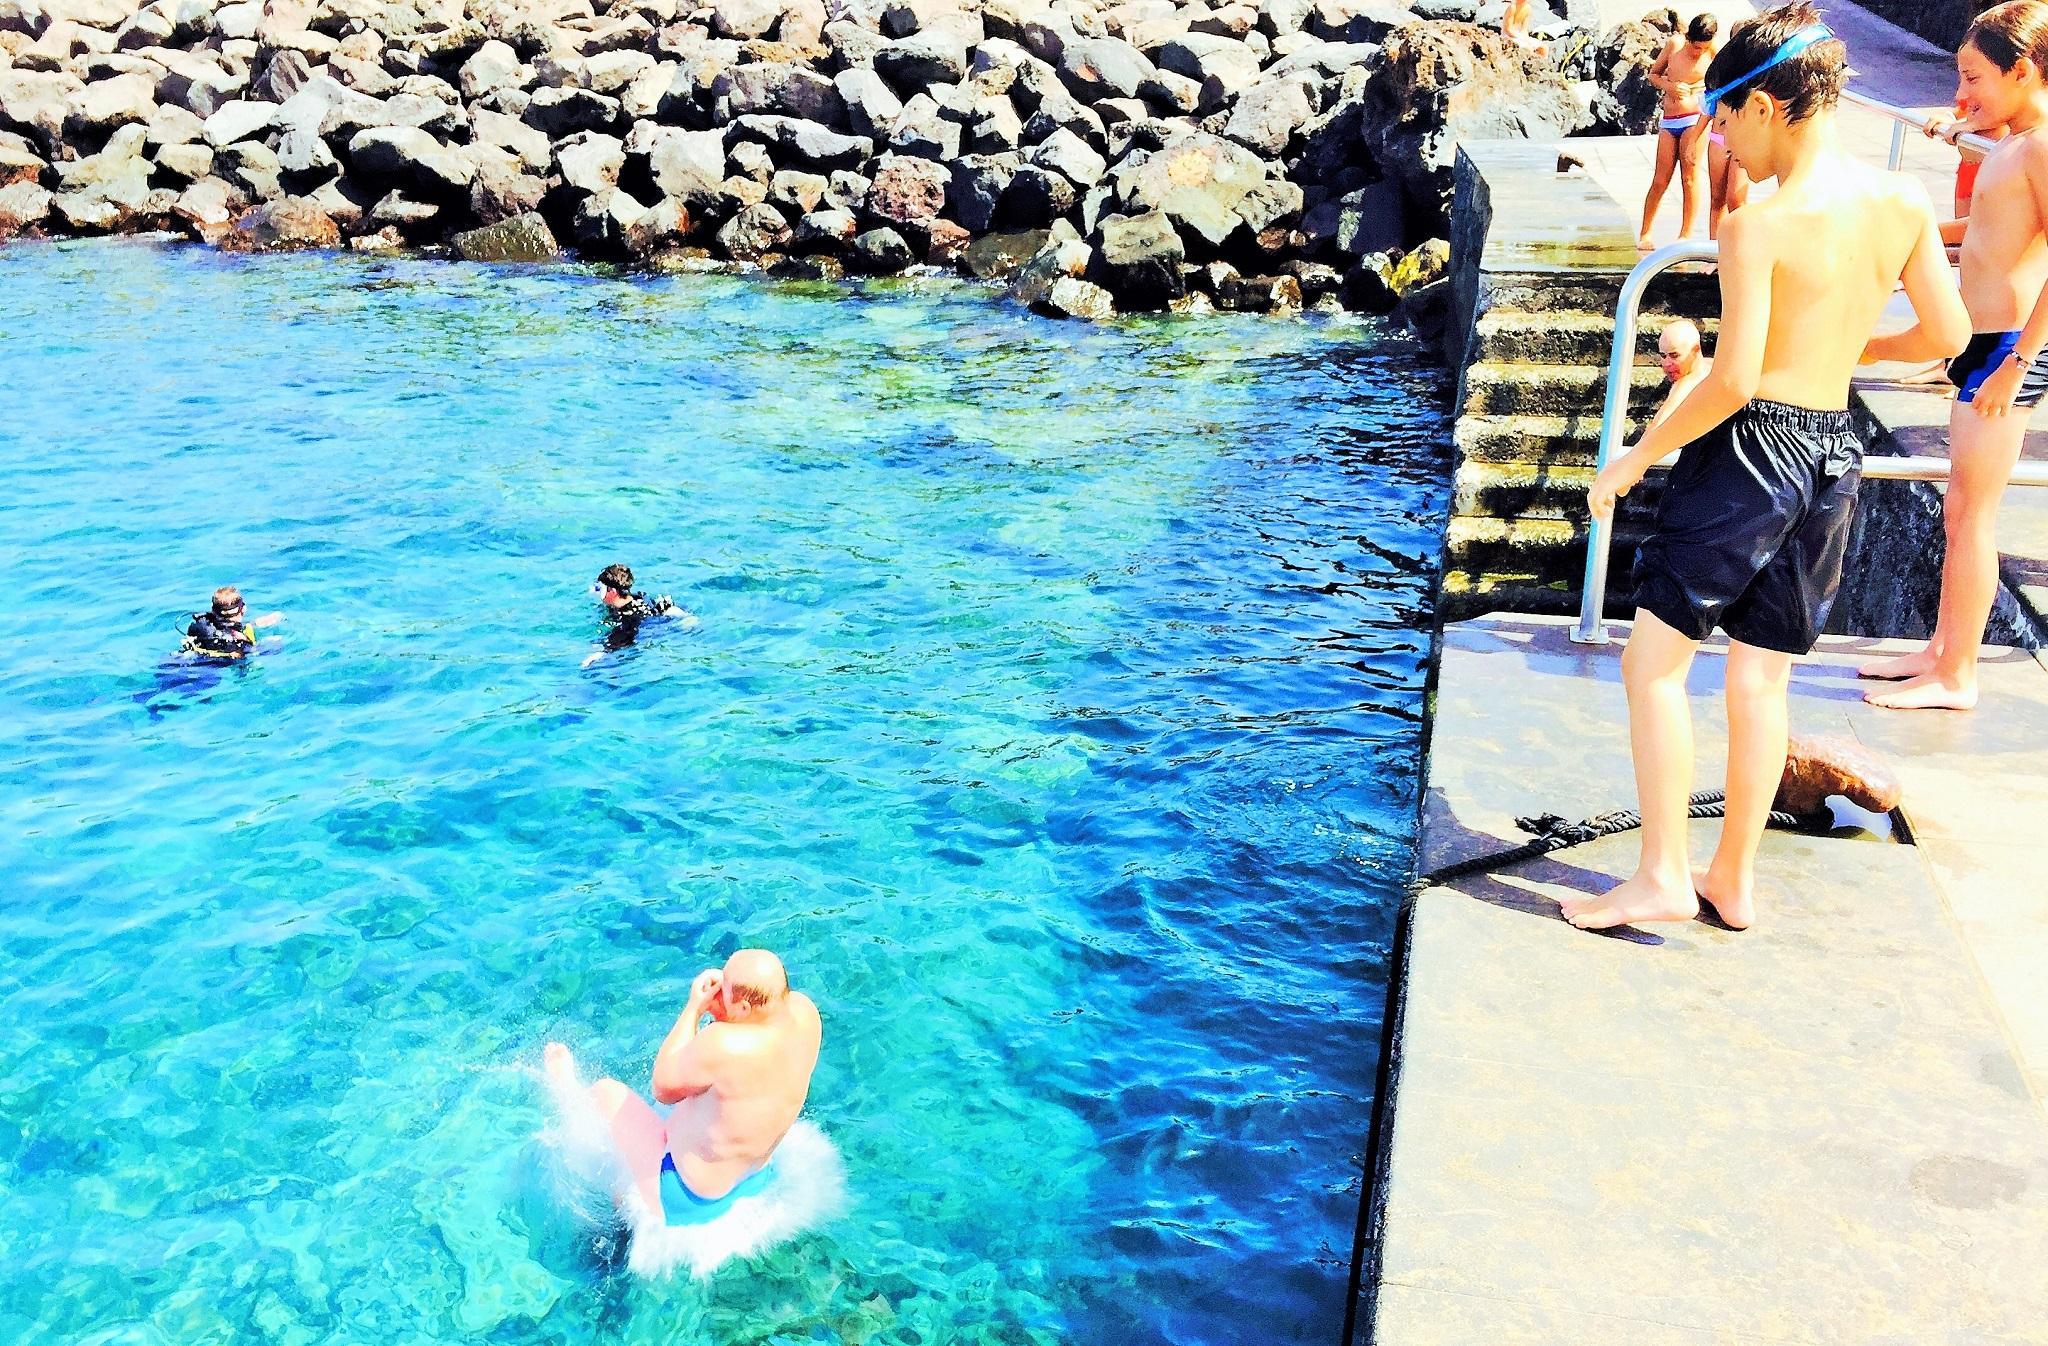 Marty entrando al agua de manera aparatosa